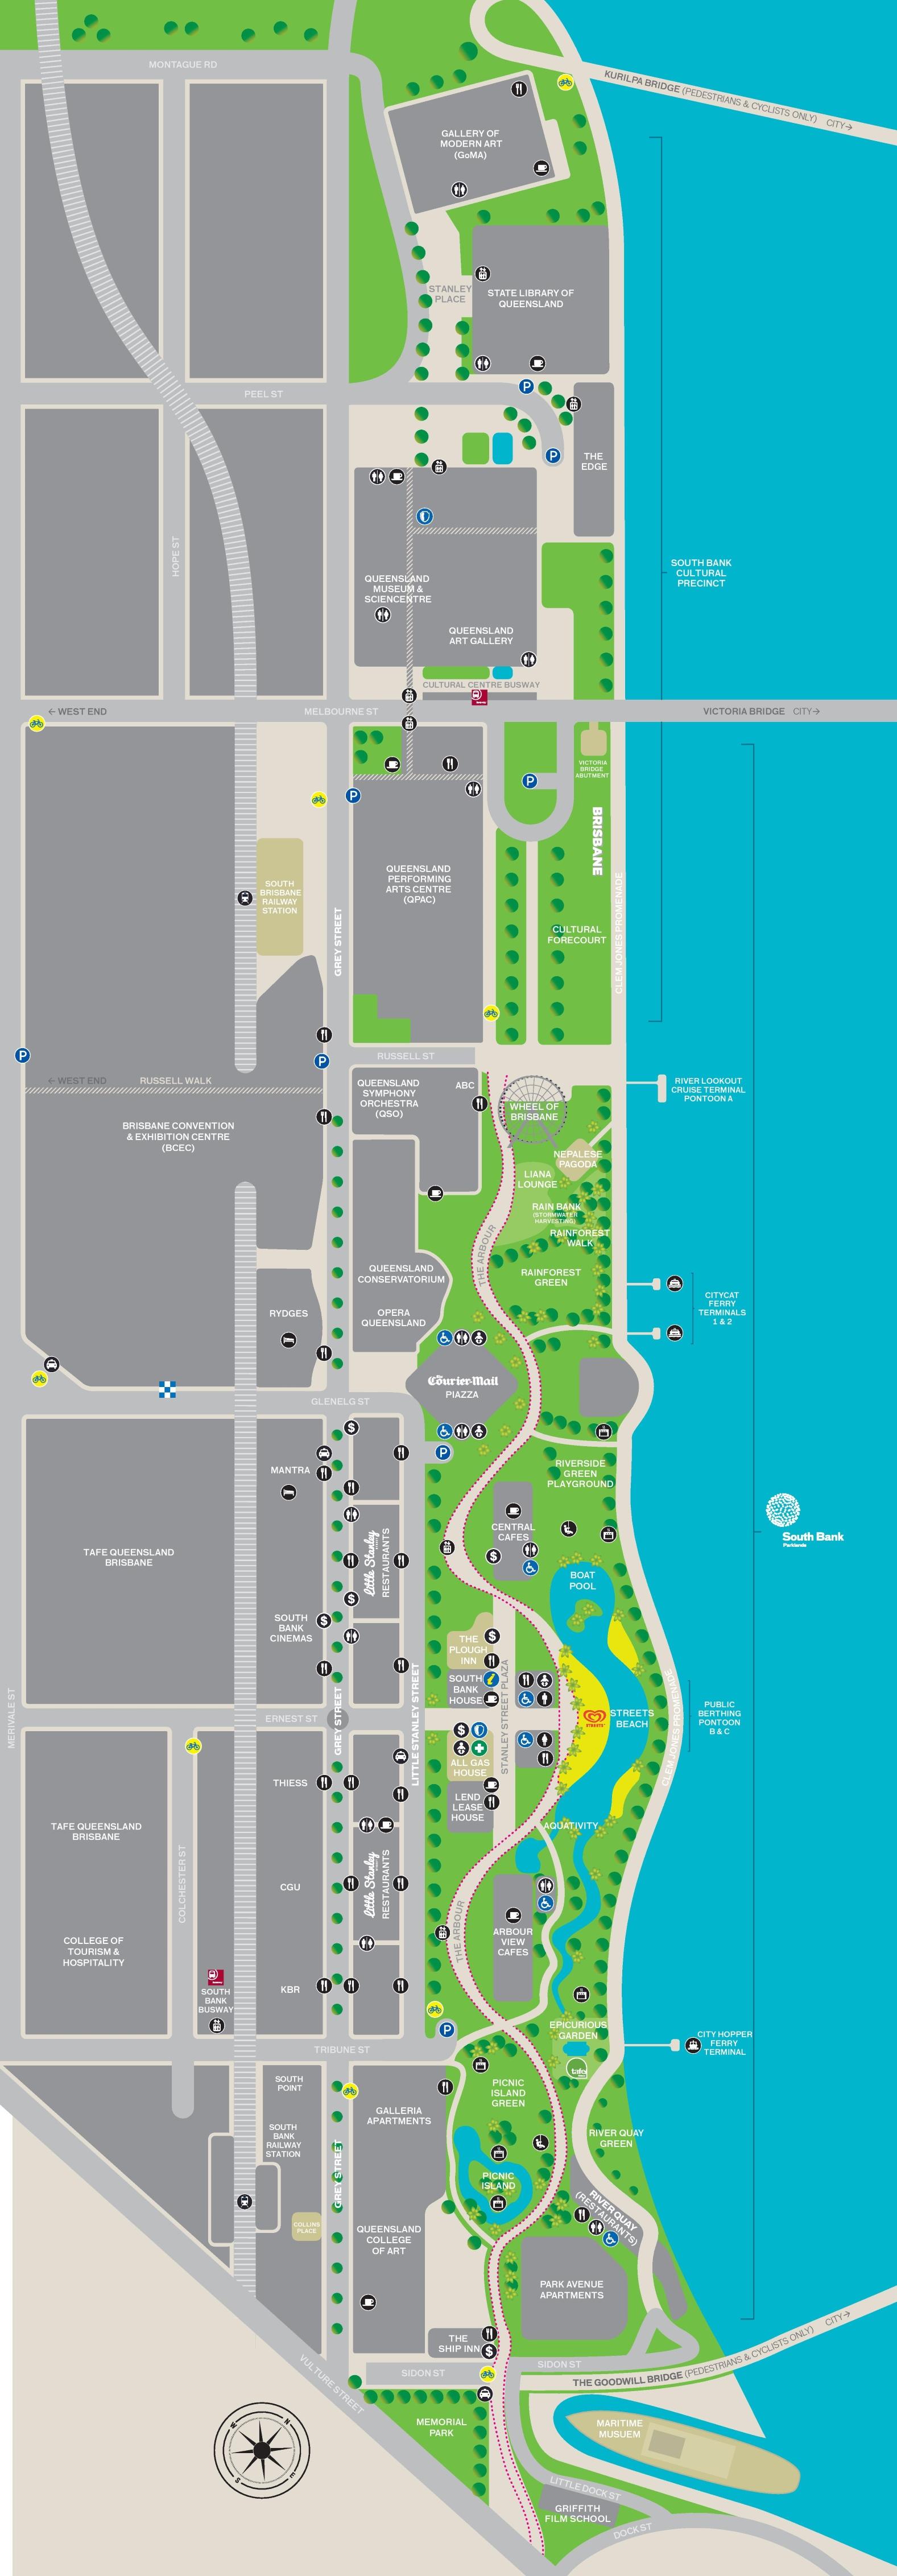 Brisbane South Bank Map